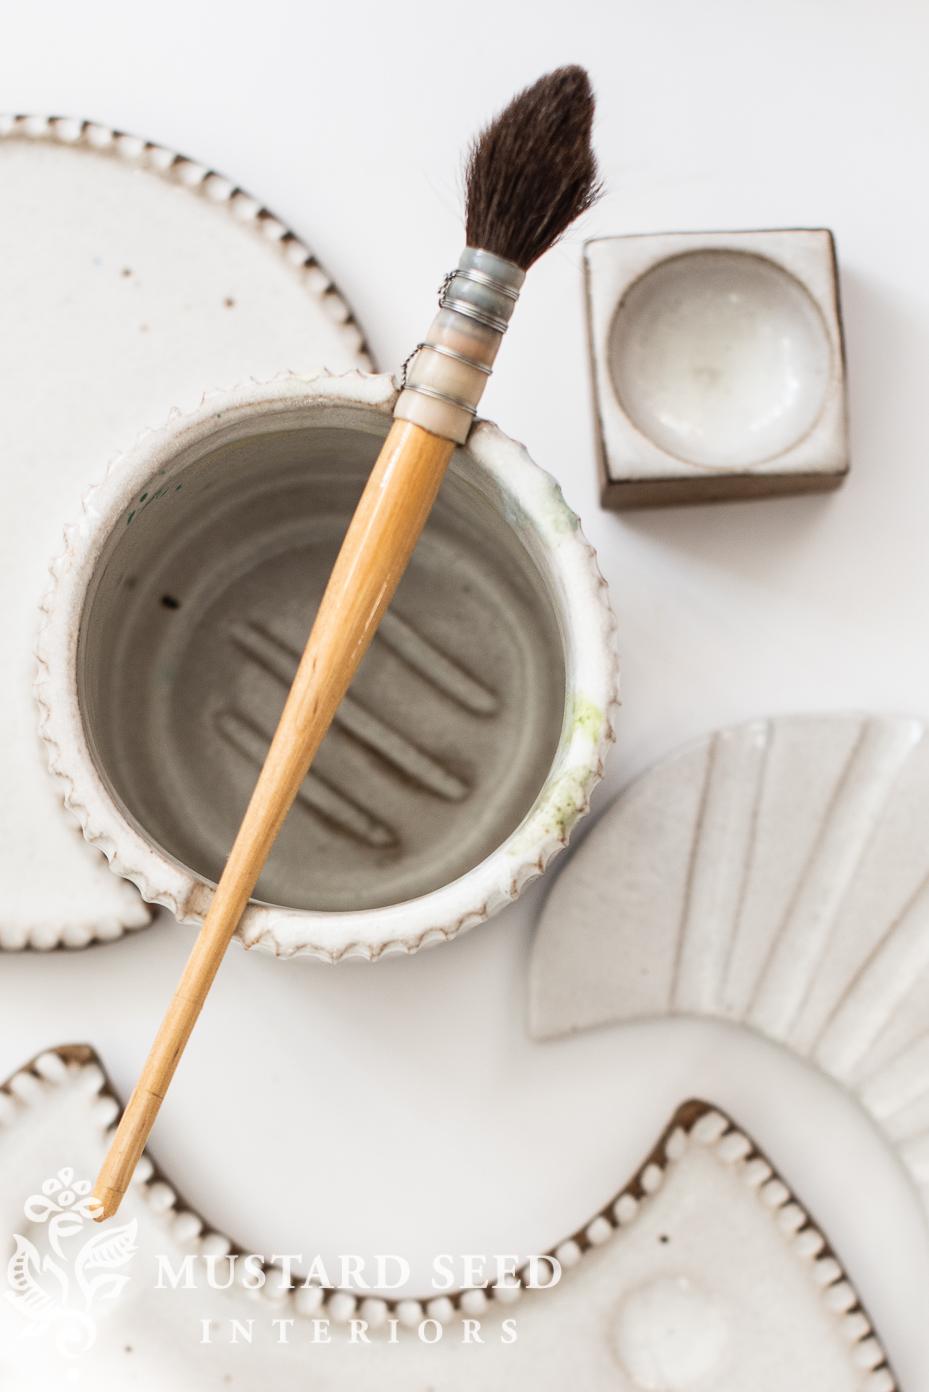 sylvan clay works moon palette set & water cup   miss mustard seed